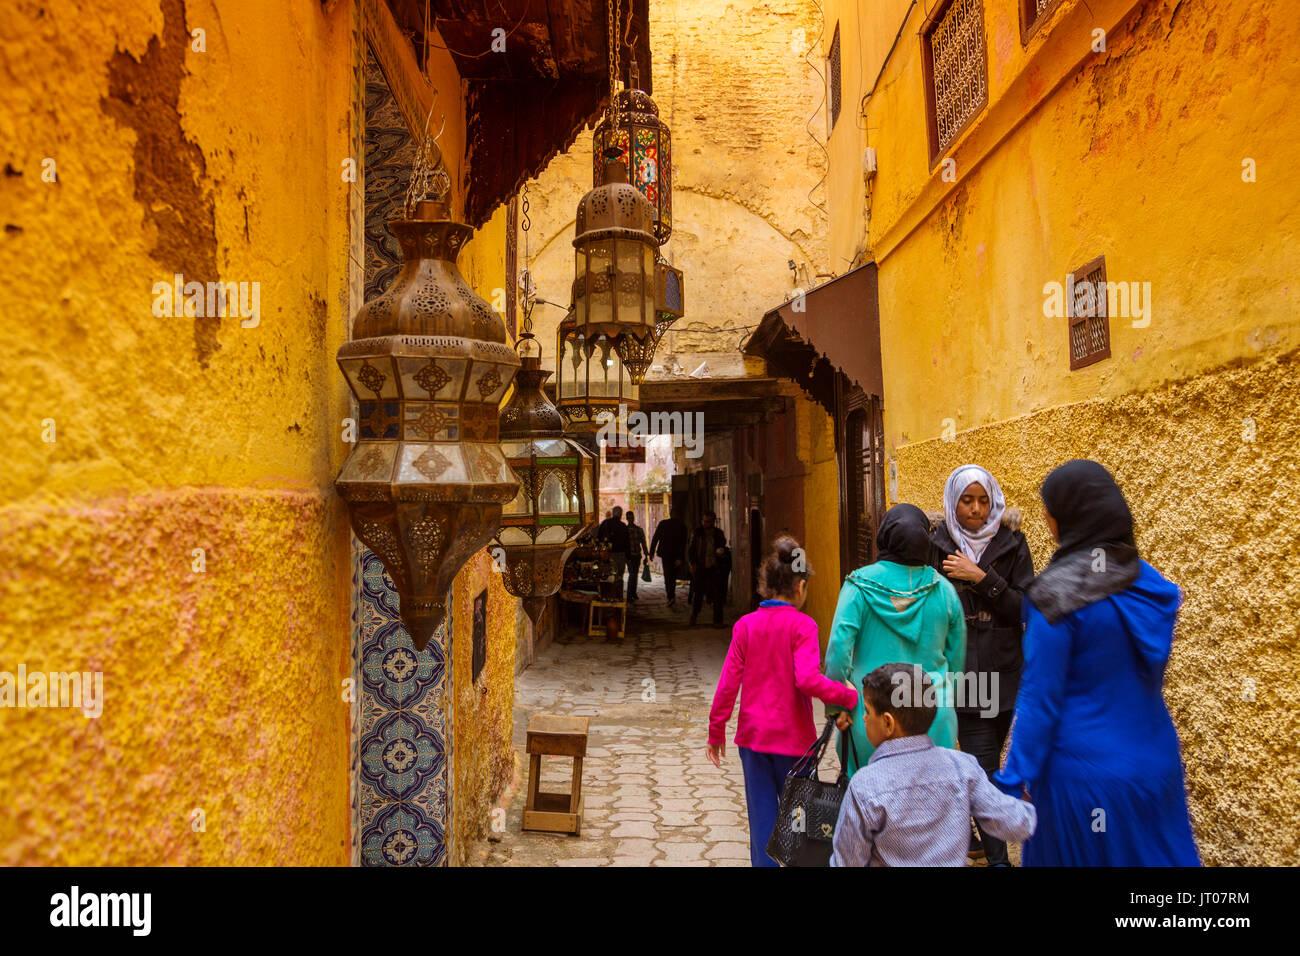 La vita di strada scena. Città Imperiale Meknes, Marocco, Maghreb Nord Africa Immagini Stock